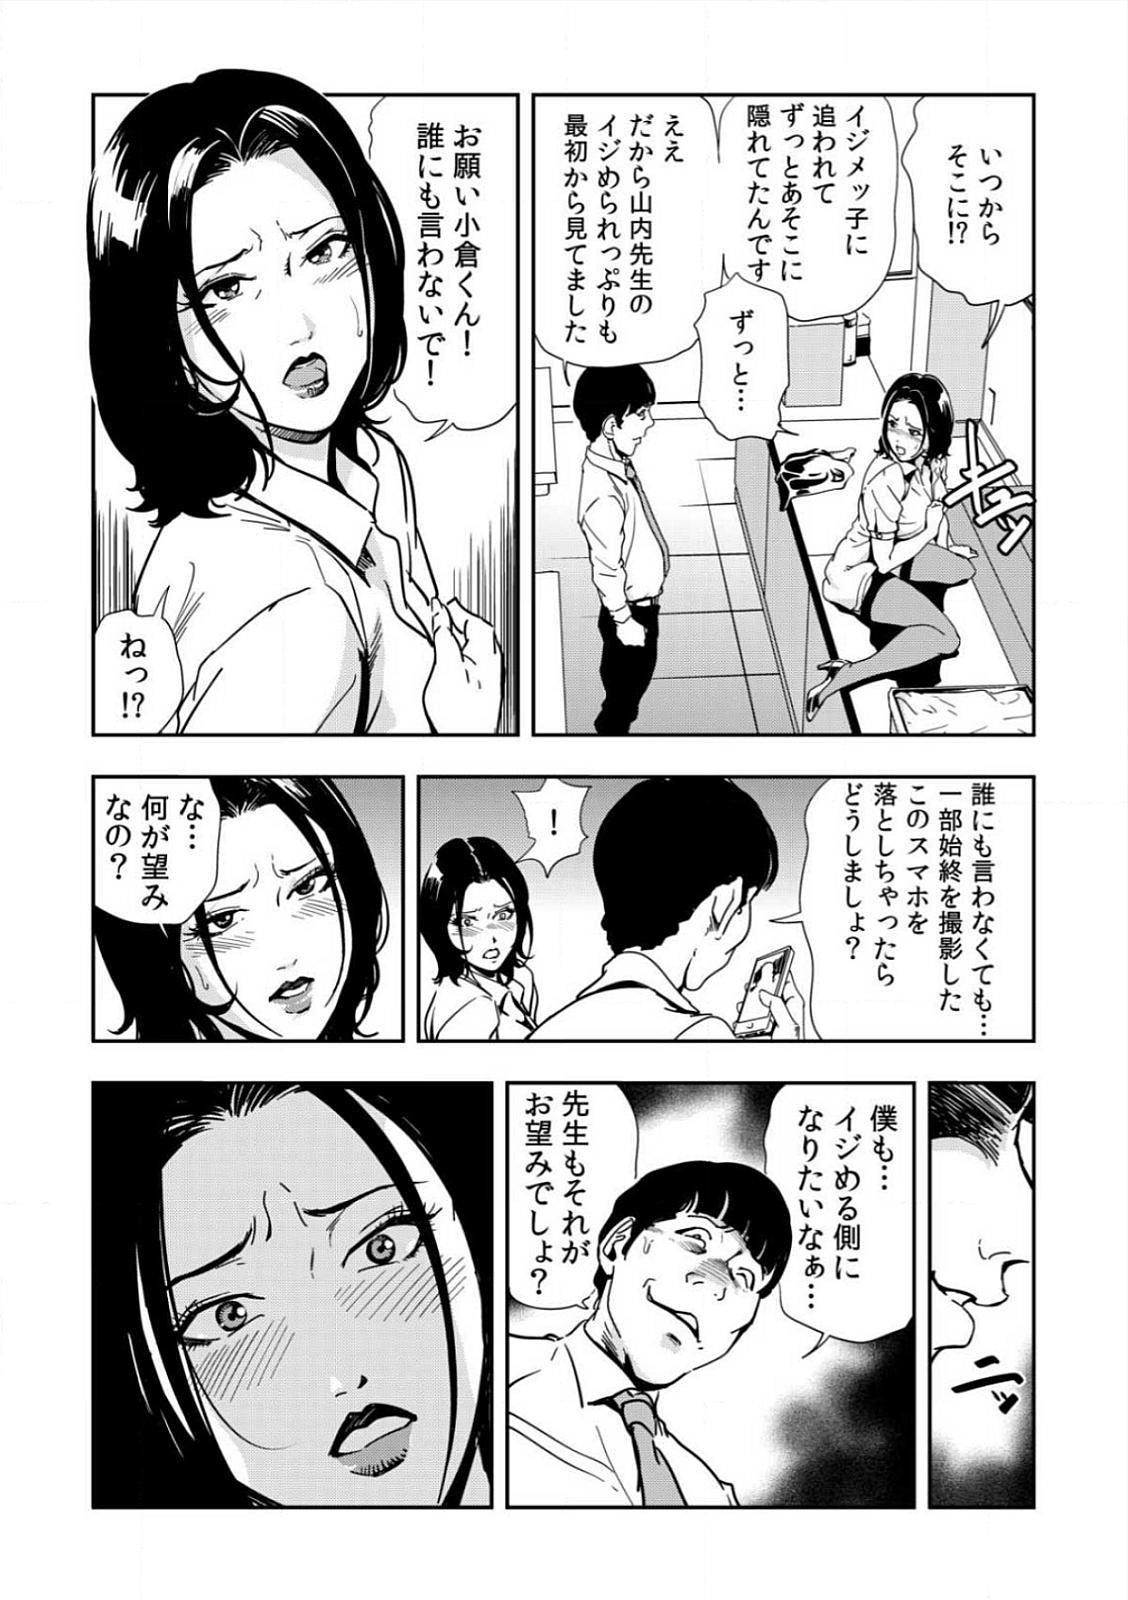 [Misaki Yukihiro] Kyousei Shidou ~Mechakucha ni Kegasarete~ (1)~(6) [Digital] 88